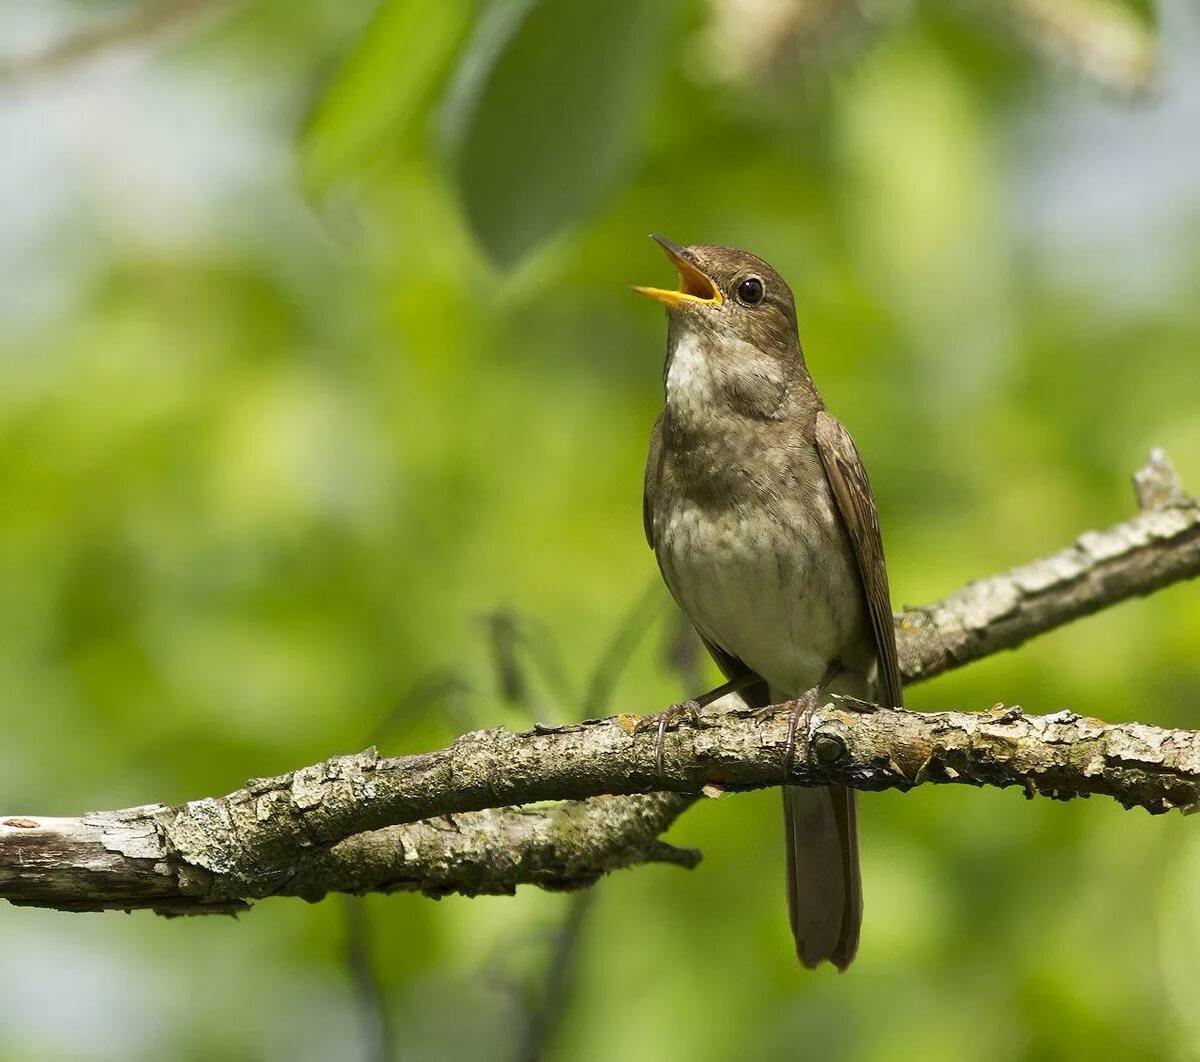 функциональный, фото какие птицы поют вечером в лесу этих событиях бережно